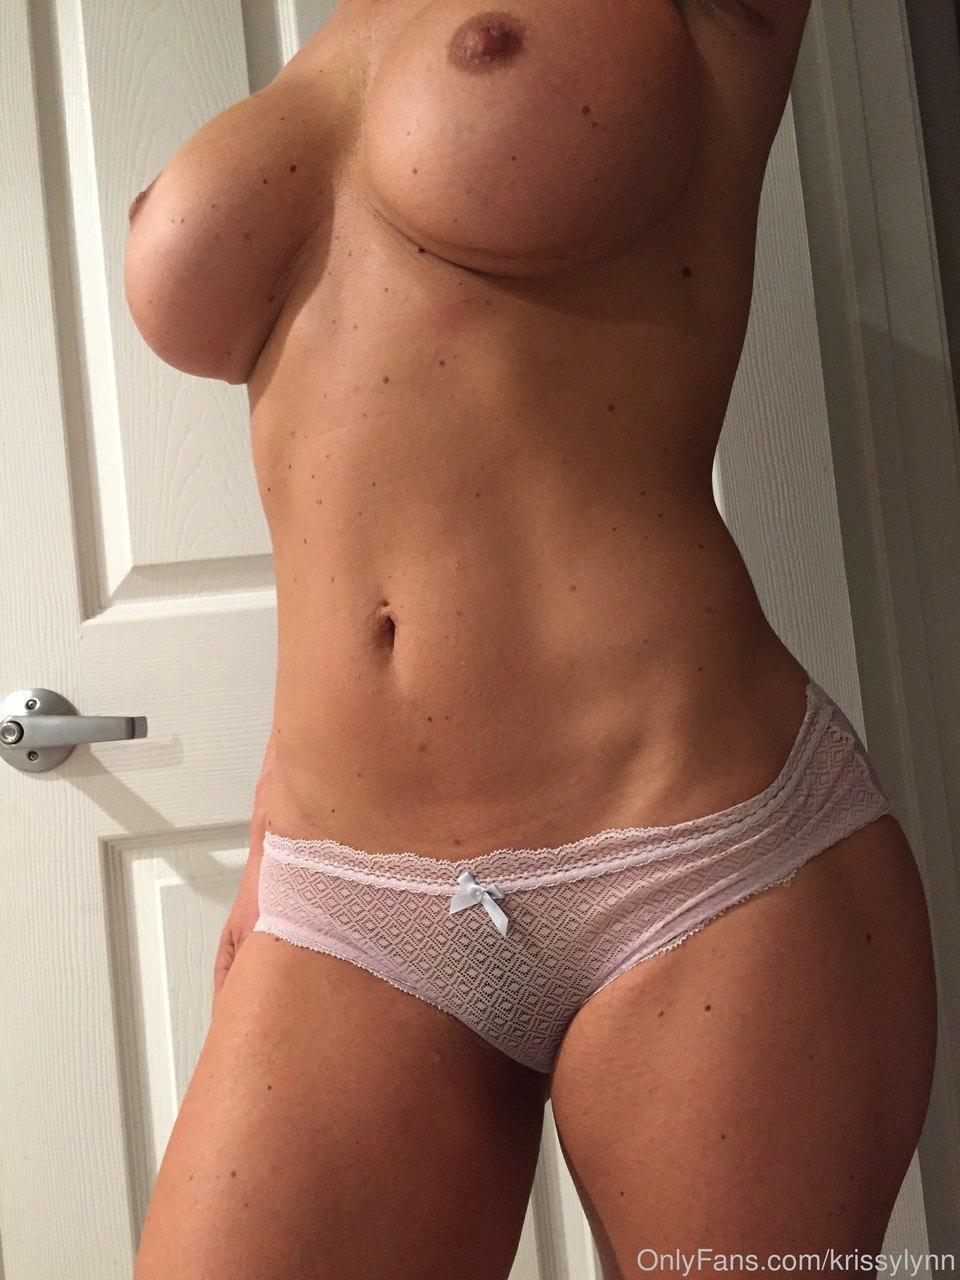 Krissy Lynn Snapchat photo 14